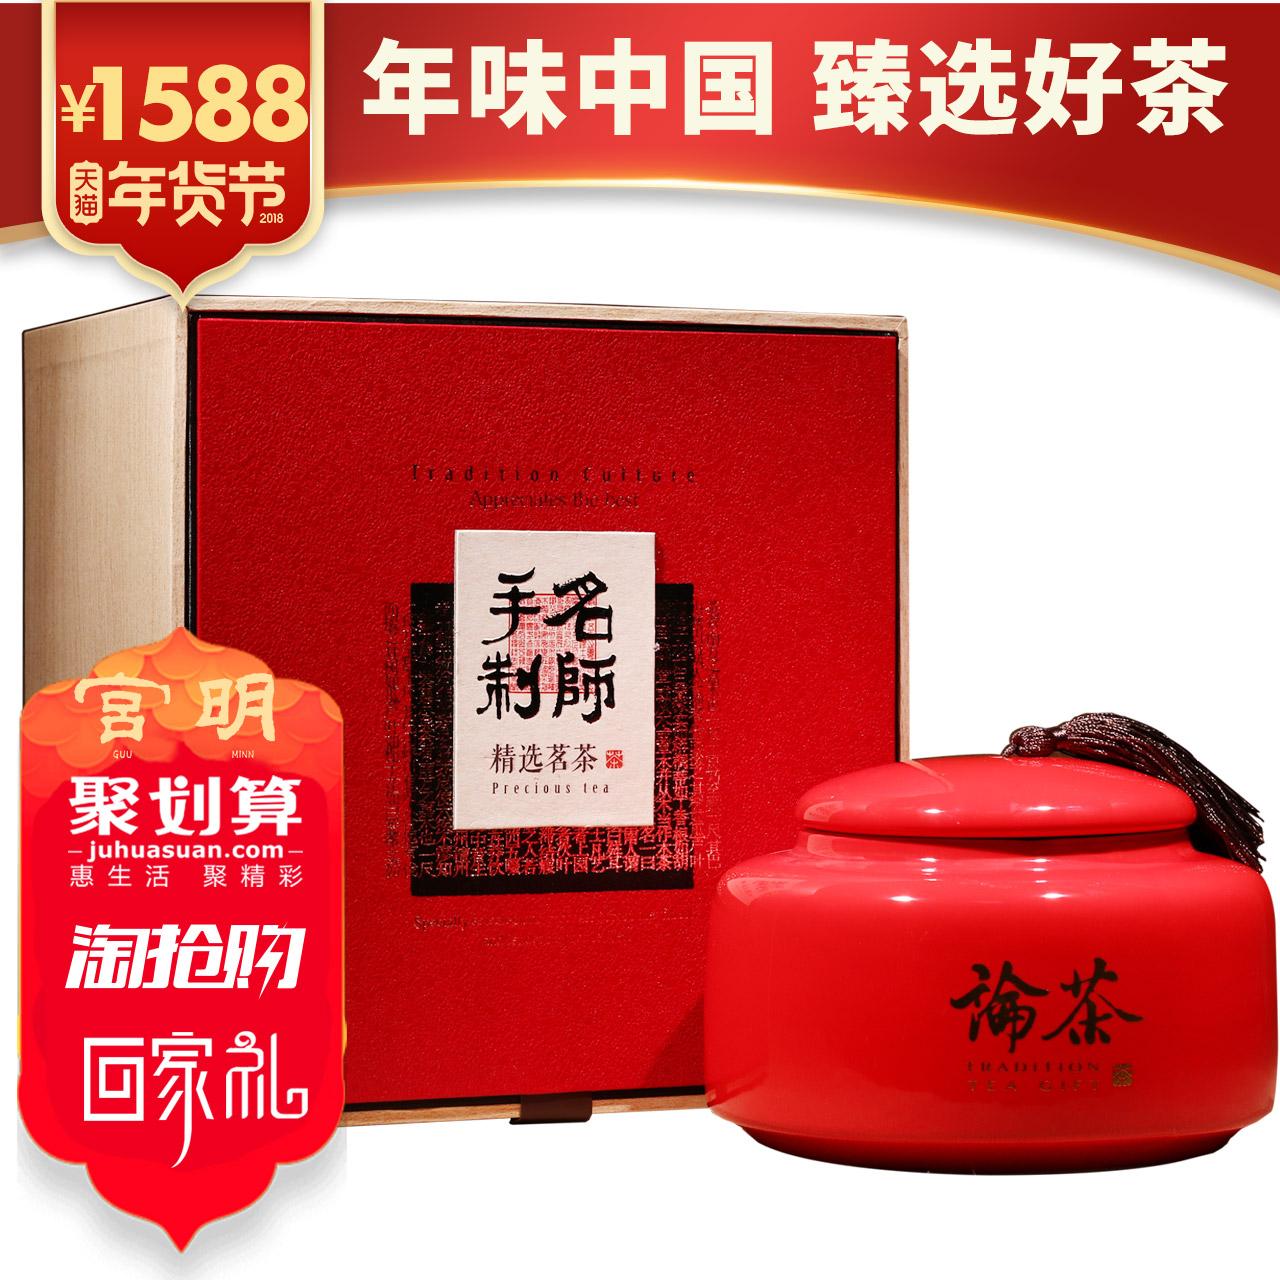 宫明茶叶 80年代中期 普洱茶熟茶 勐海经典老茶头传世礼盒装450克